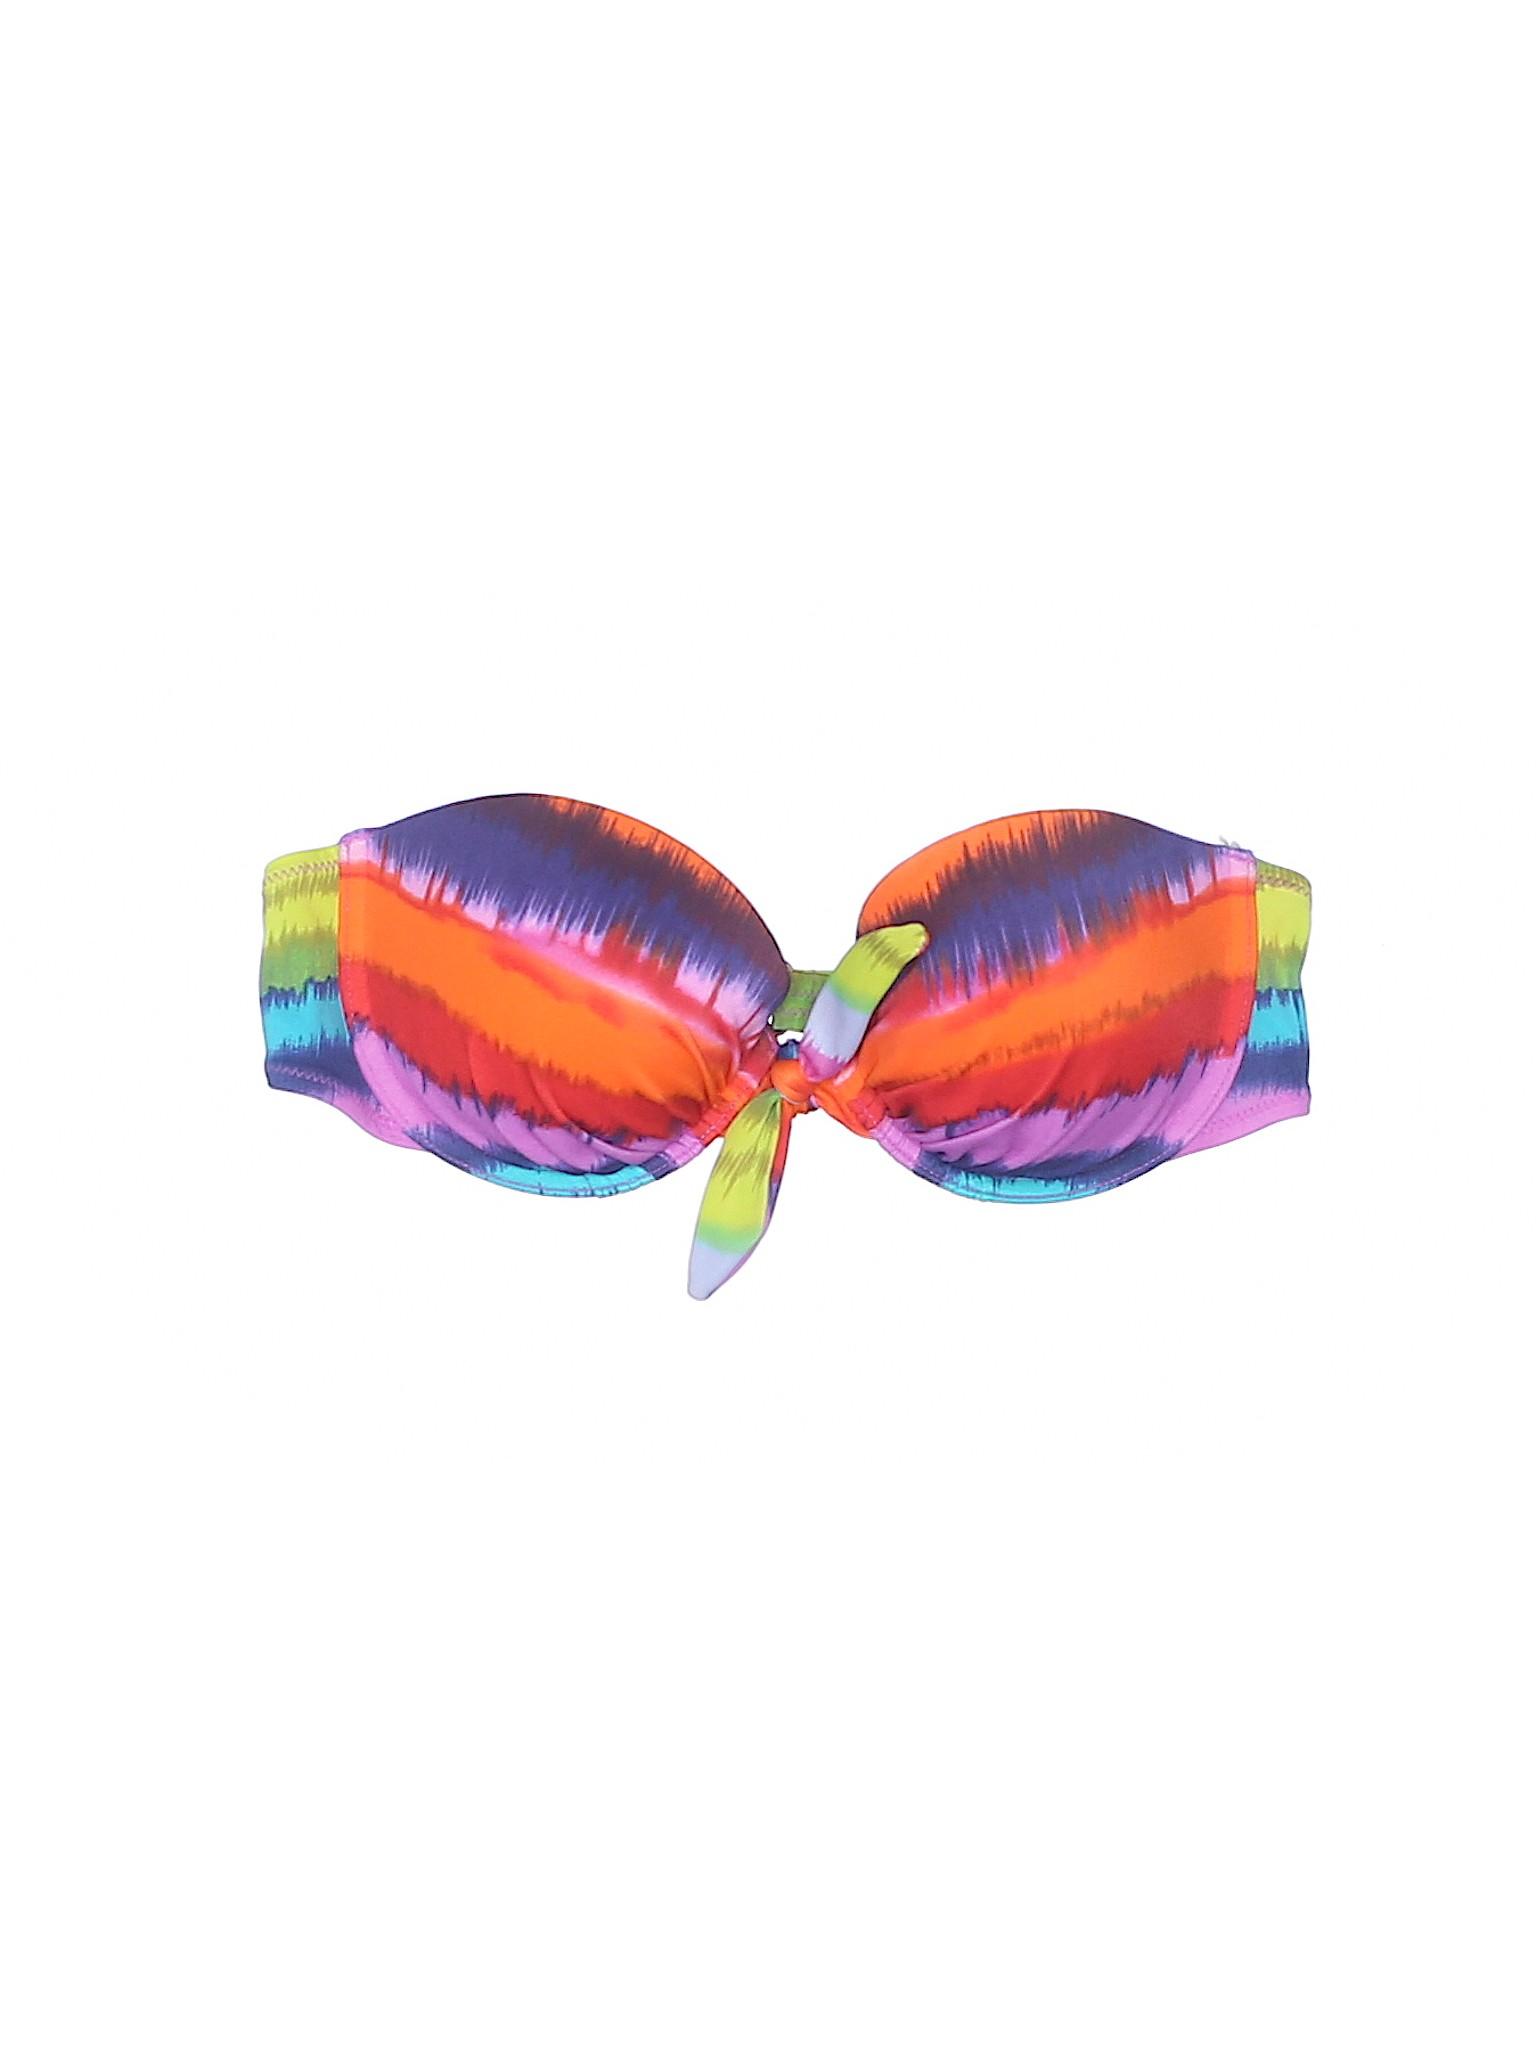 Victoria's Secret Secret Swimsuit Boutique Top Boutique Victoria's w1dqt61